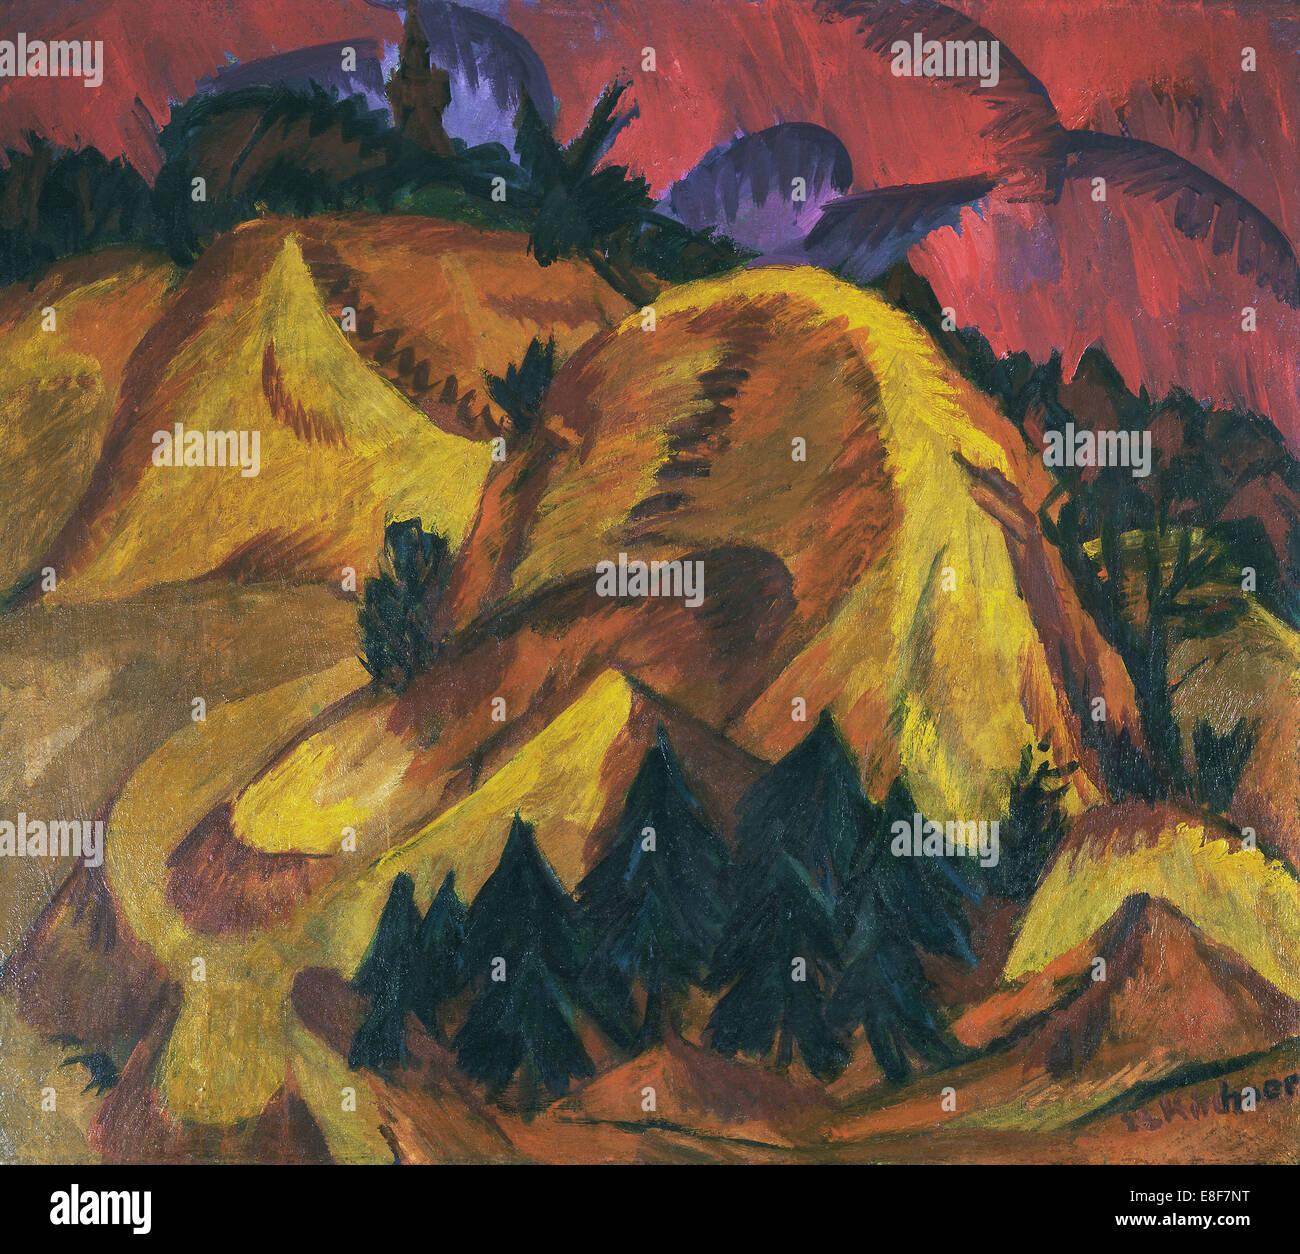 Colline di sabbia dell'Engadina. Artista: Kirchner, Ernst Ludwig (1880-1938) Immagini Stock